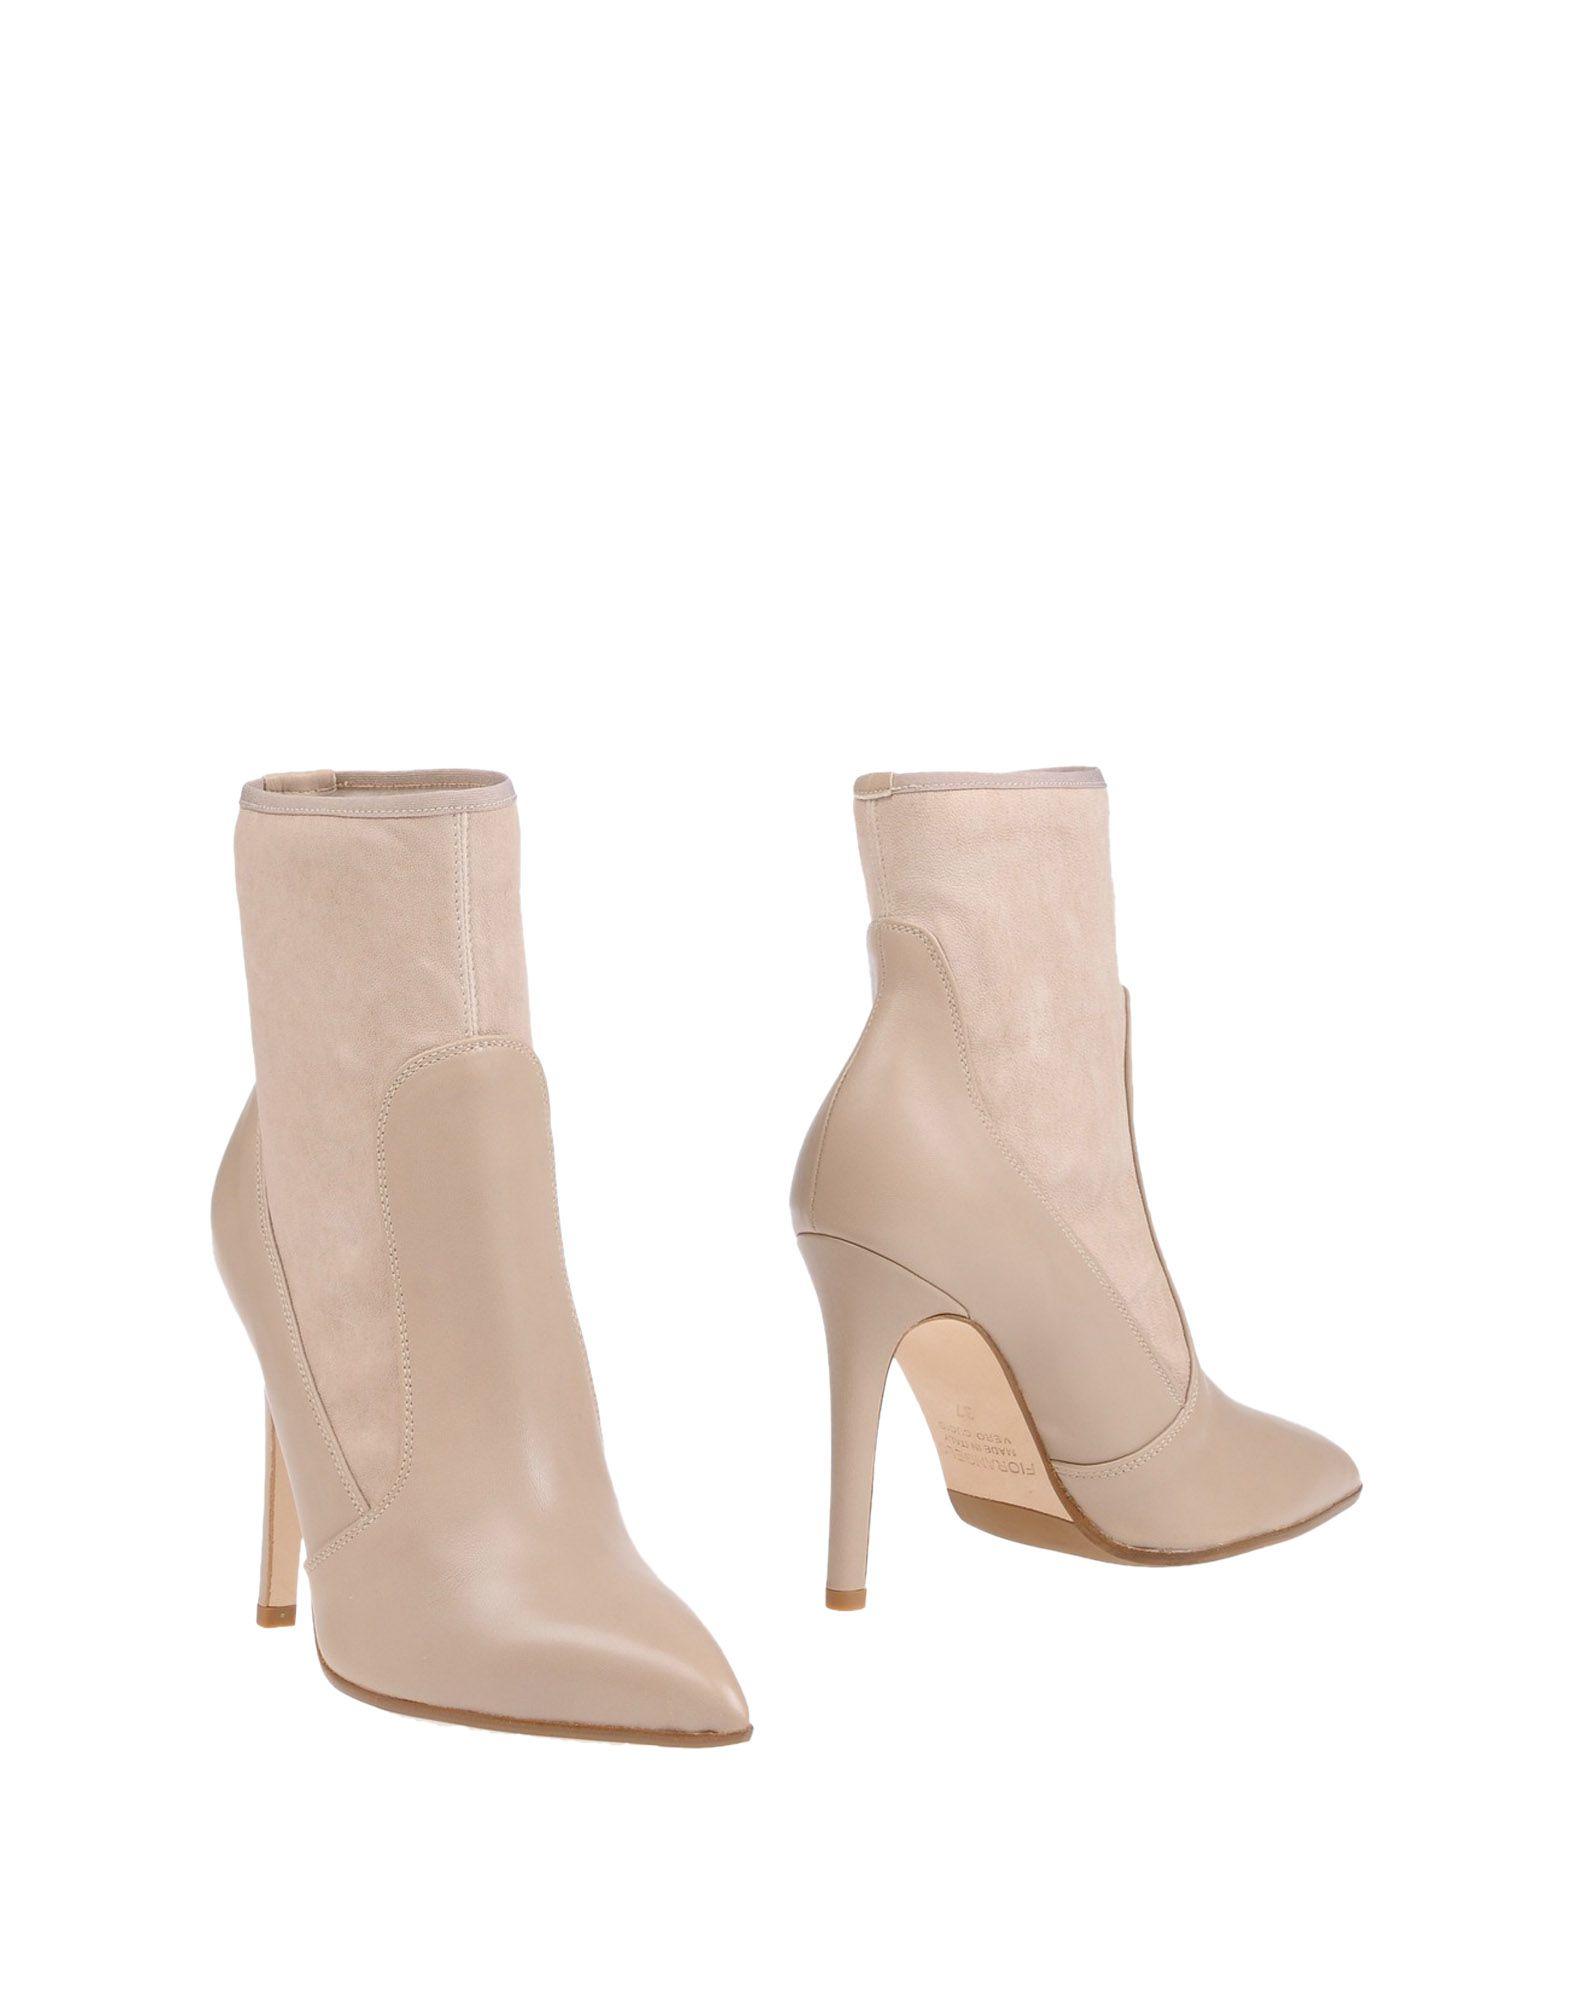 купить FIORANGELO Полусапоги и высокие ботинки дешево